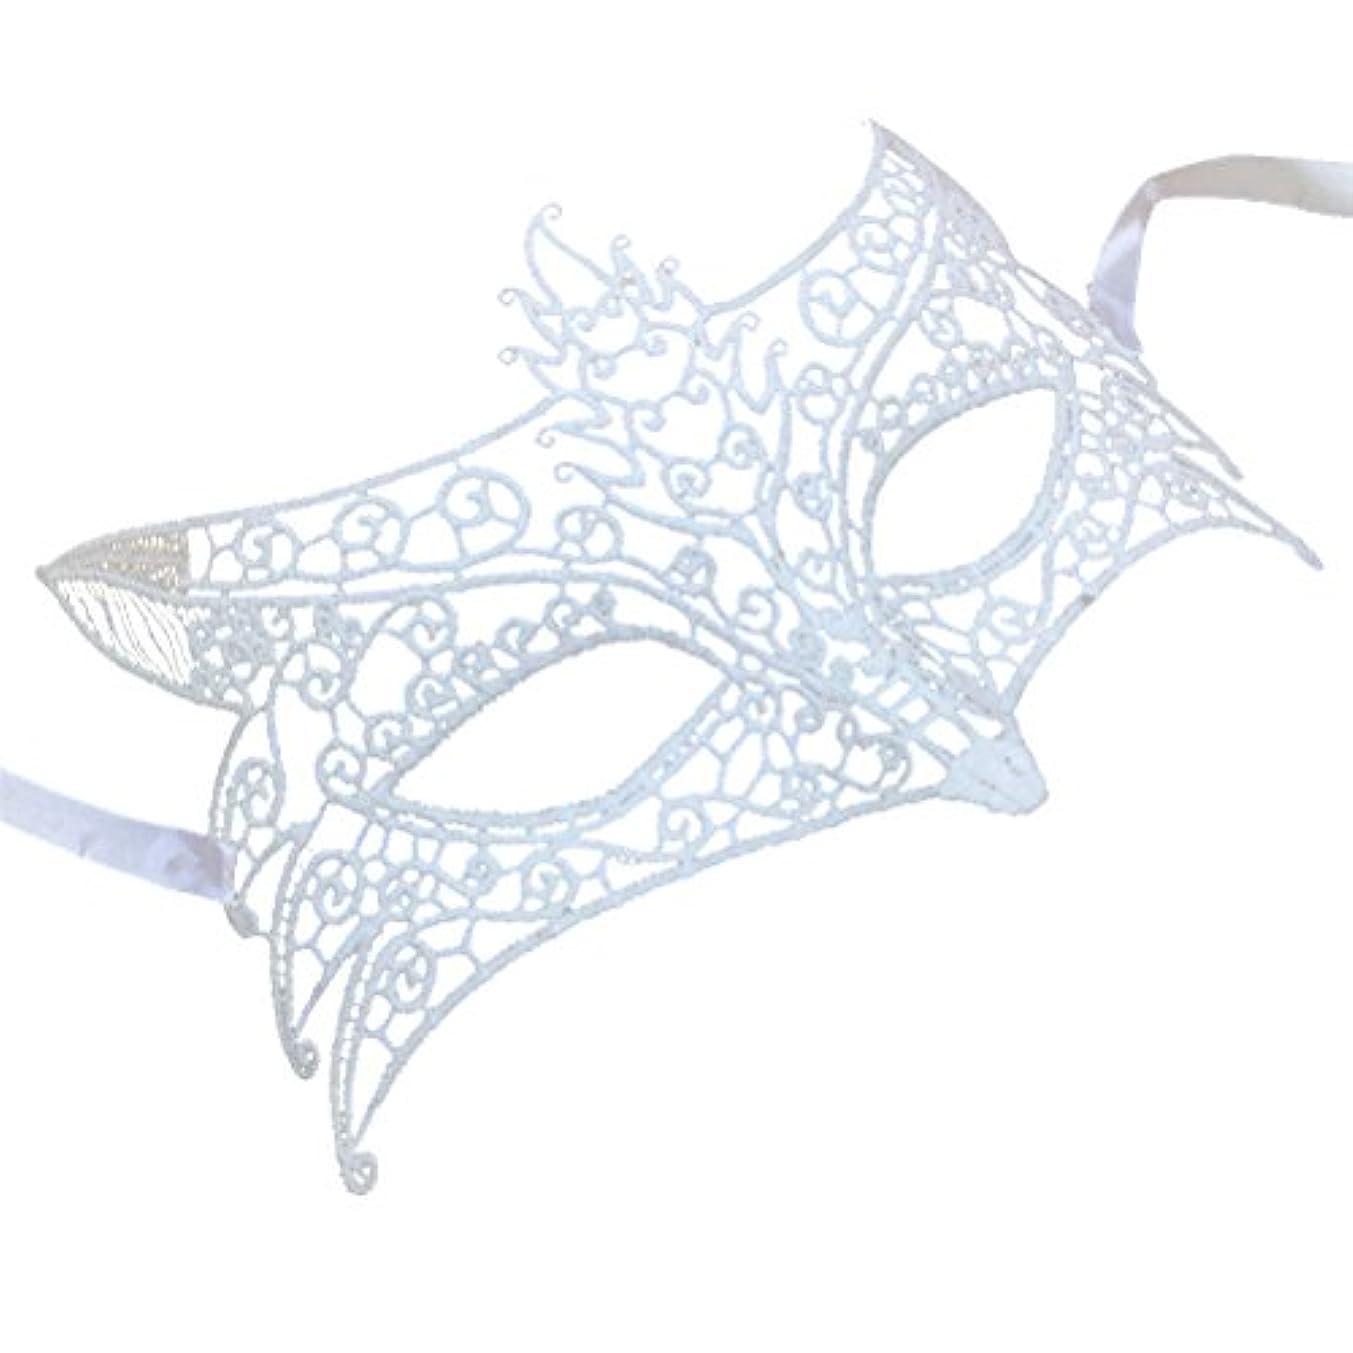 ディスクグローバインドAMOSFUN キツネの形をしたレースパーティーマスクイブニングパーティーウエディングマスカレードマスク(ホワイト)